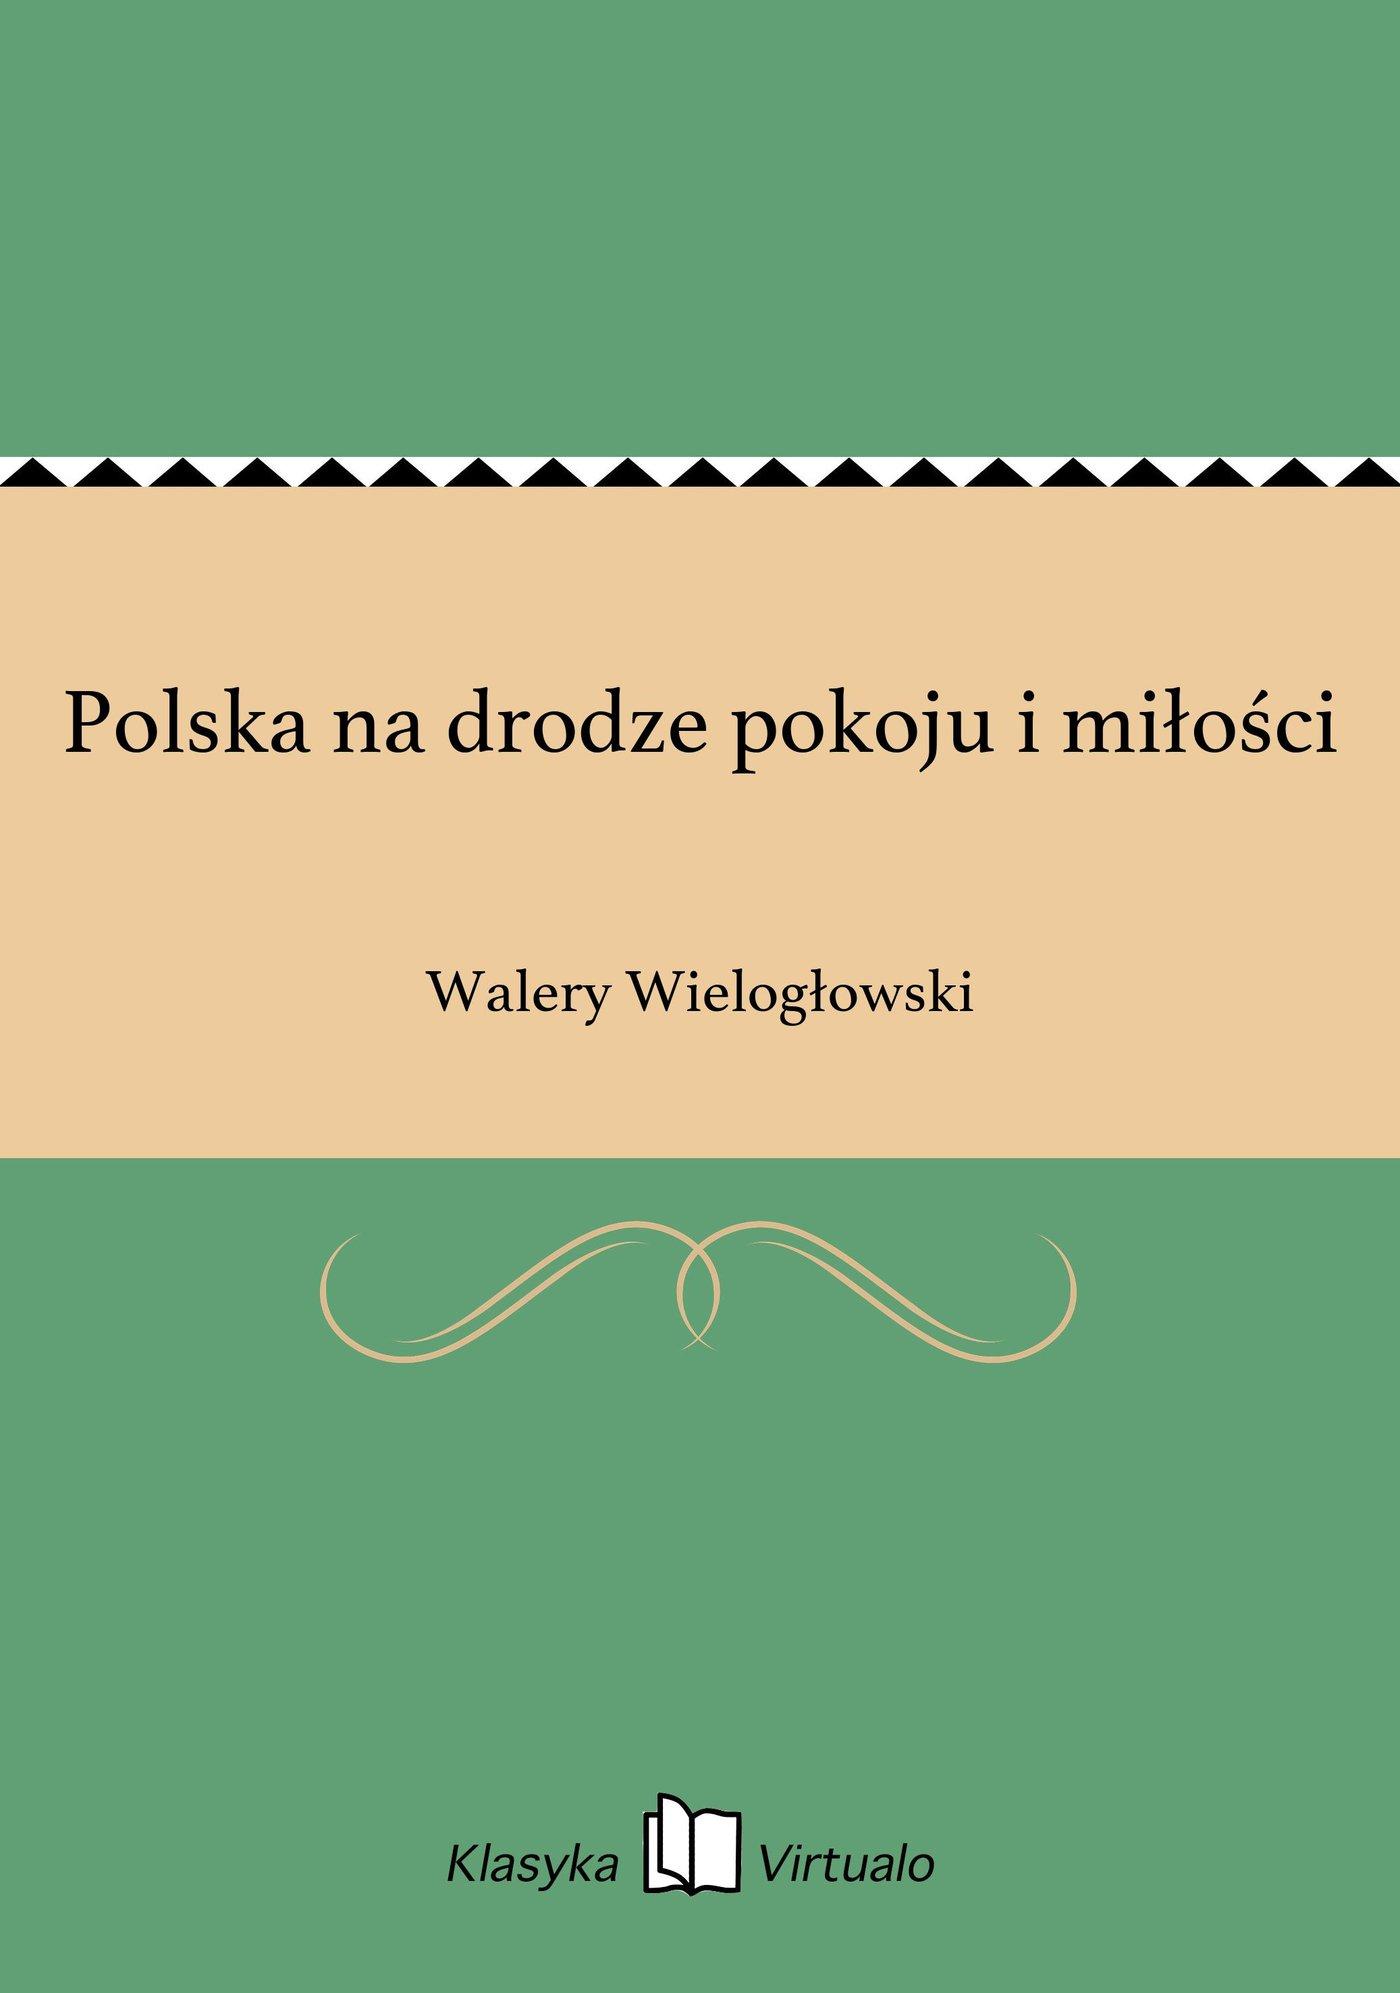 Polska na drodze pokoju i miłości - Ebook (Książka EPUB) do pobrania w formacie EPUB